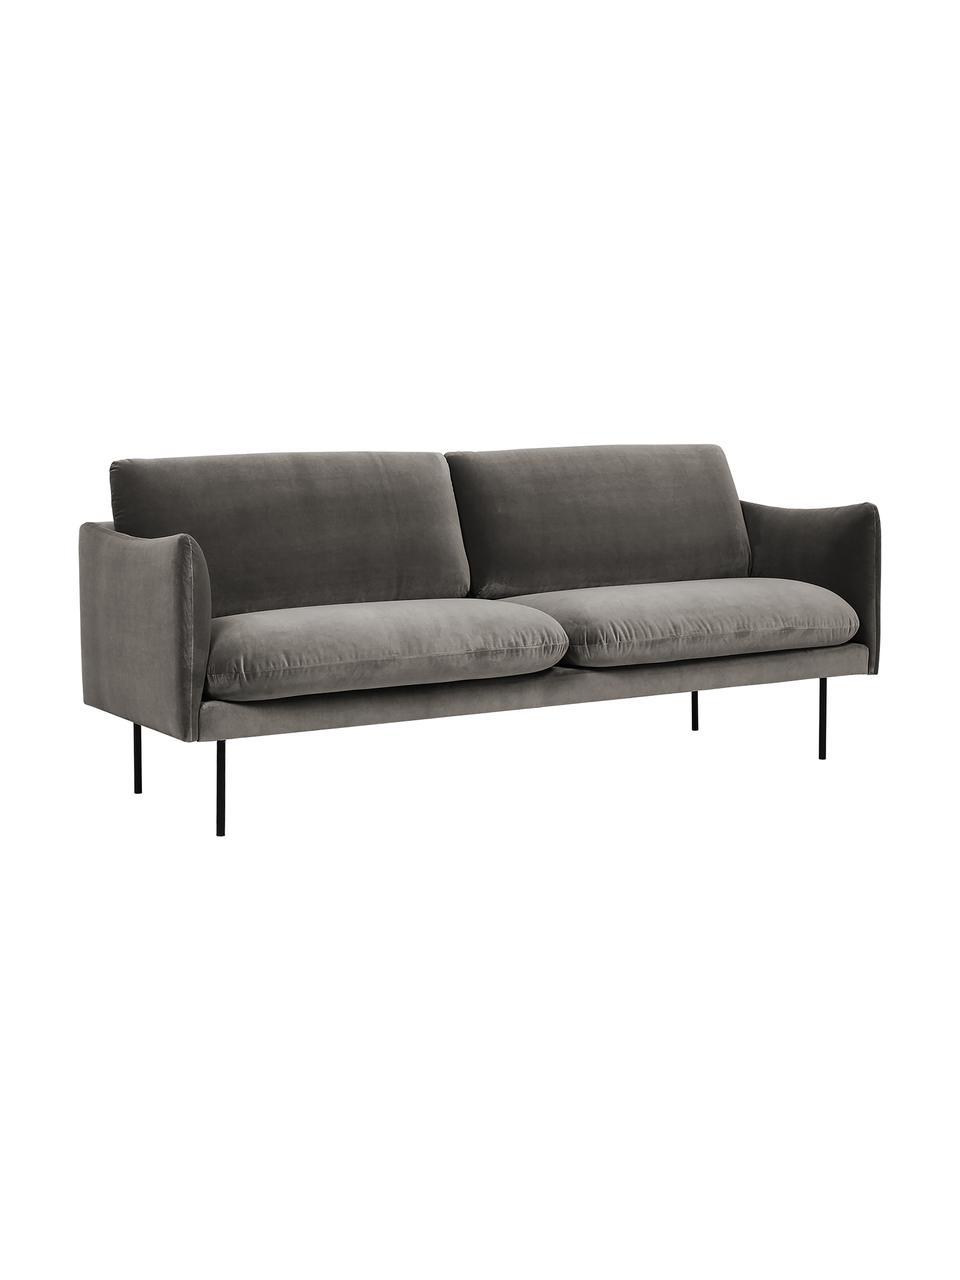 Sofa z aksamitu z metalowymi nogami Moby (2-osobowa), Tapicerka: aksamit (wysokiej jakości, Stelaż: lite drewno sosnowe, Nogi: metal malowany proszkowo, Aksamitny szarobrązowy, S 170 x G 95 cm